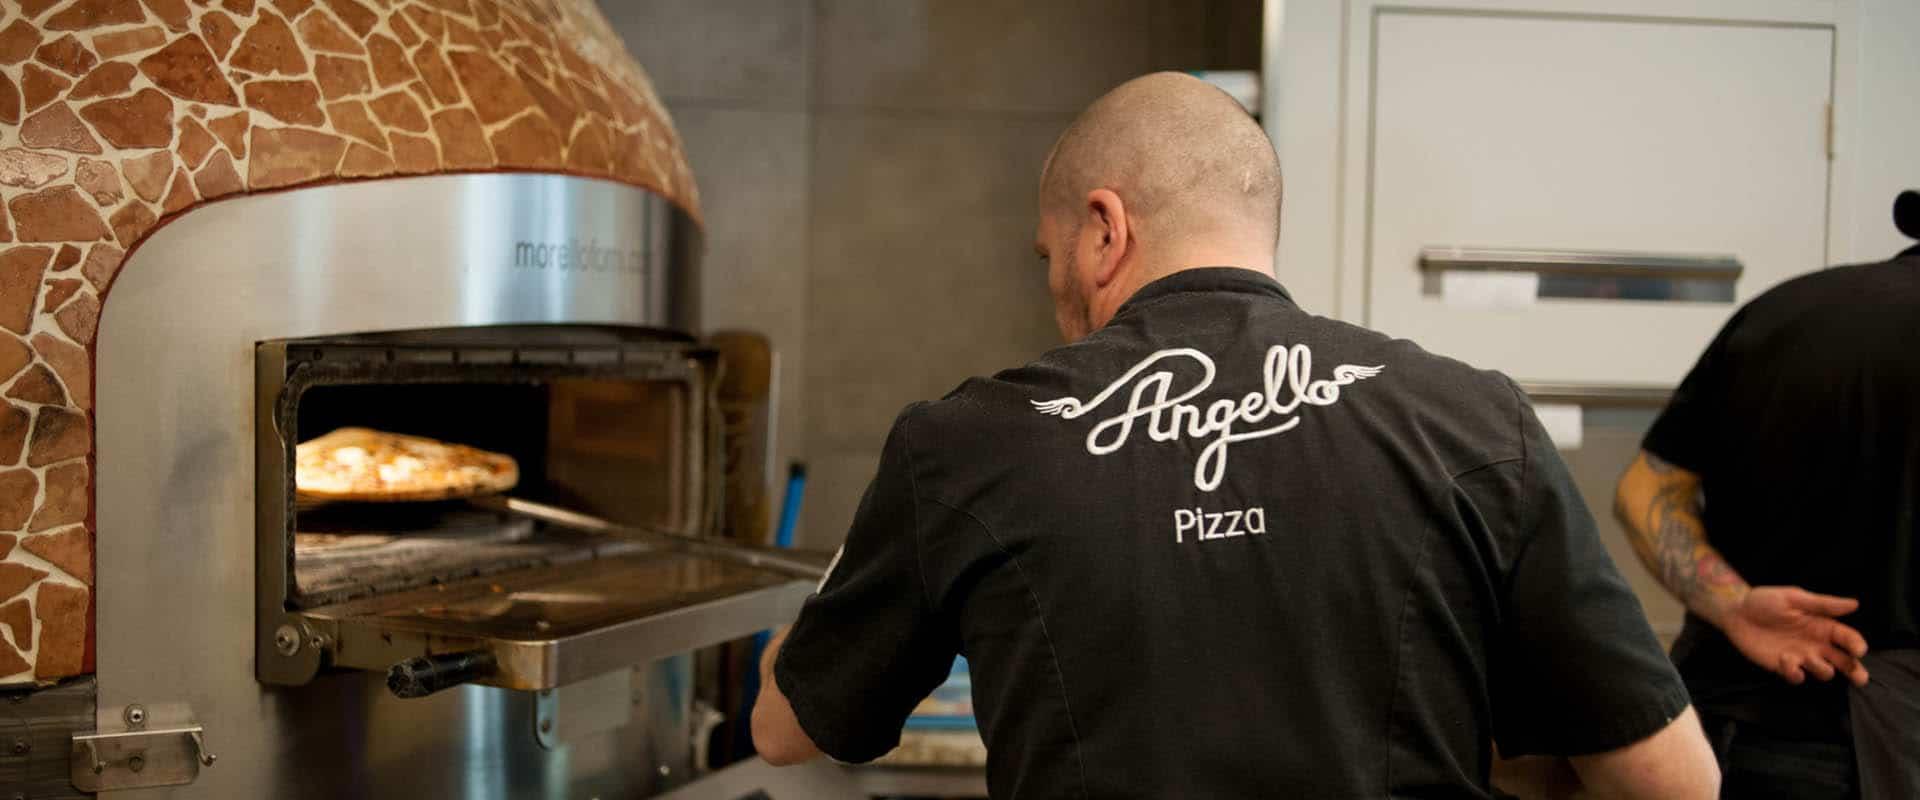 restaurant-_0005_angello-pizza-rennes